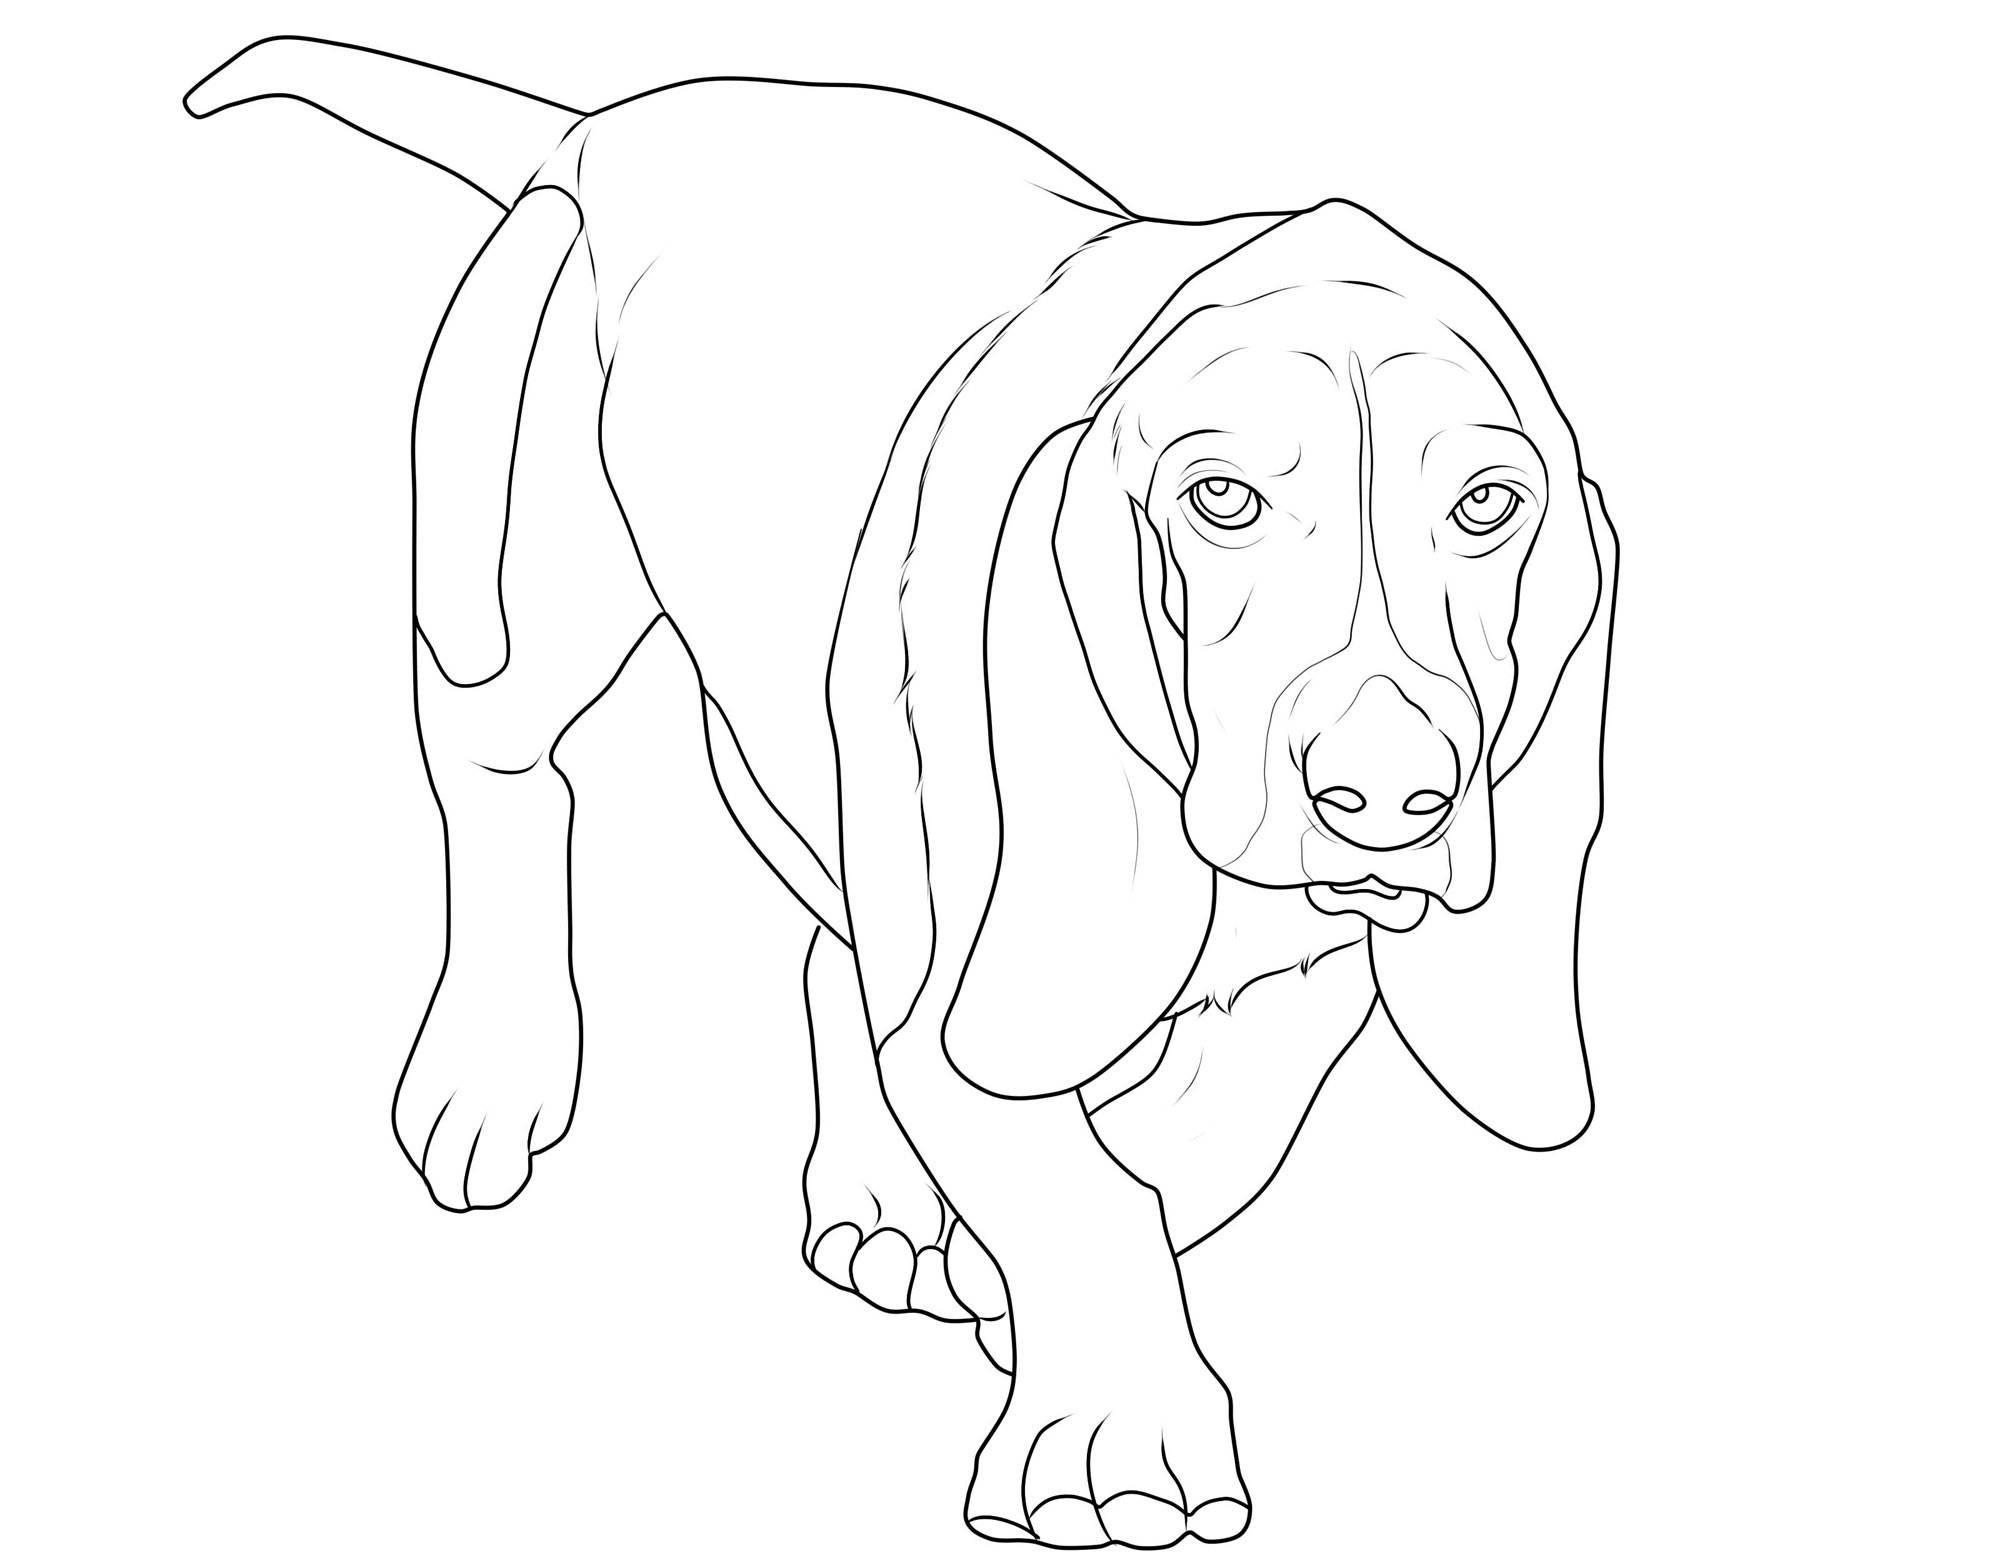 30 Hunde Bilder Zum Ausdrucken Gallery Ideas Part 4